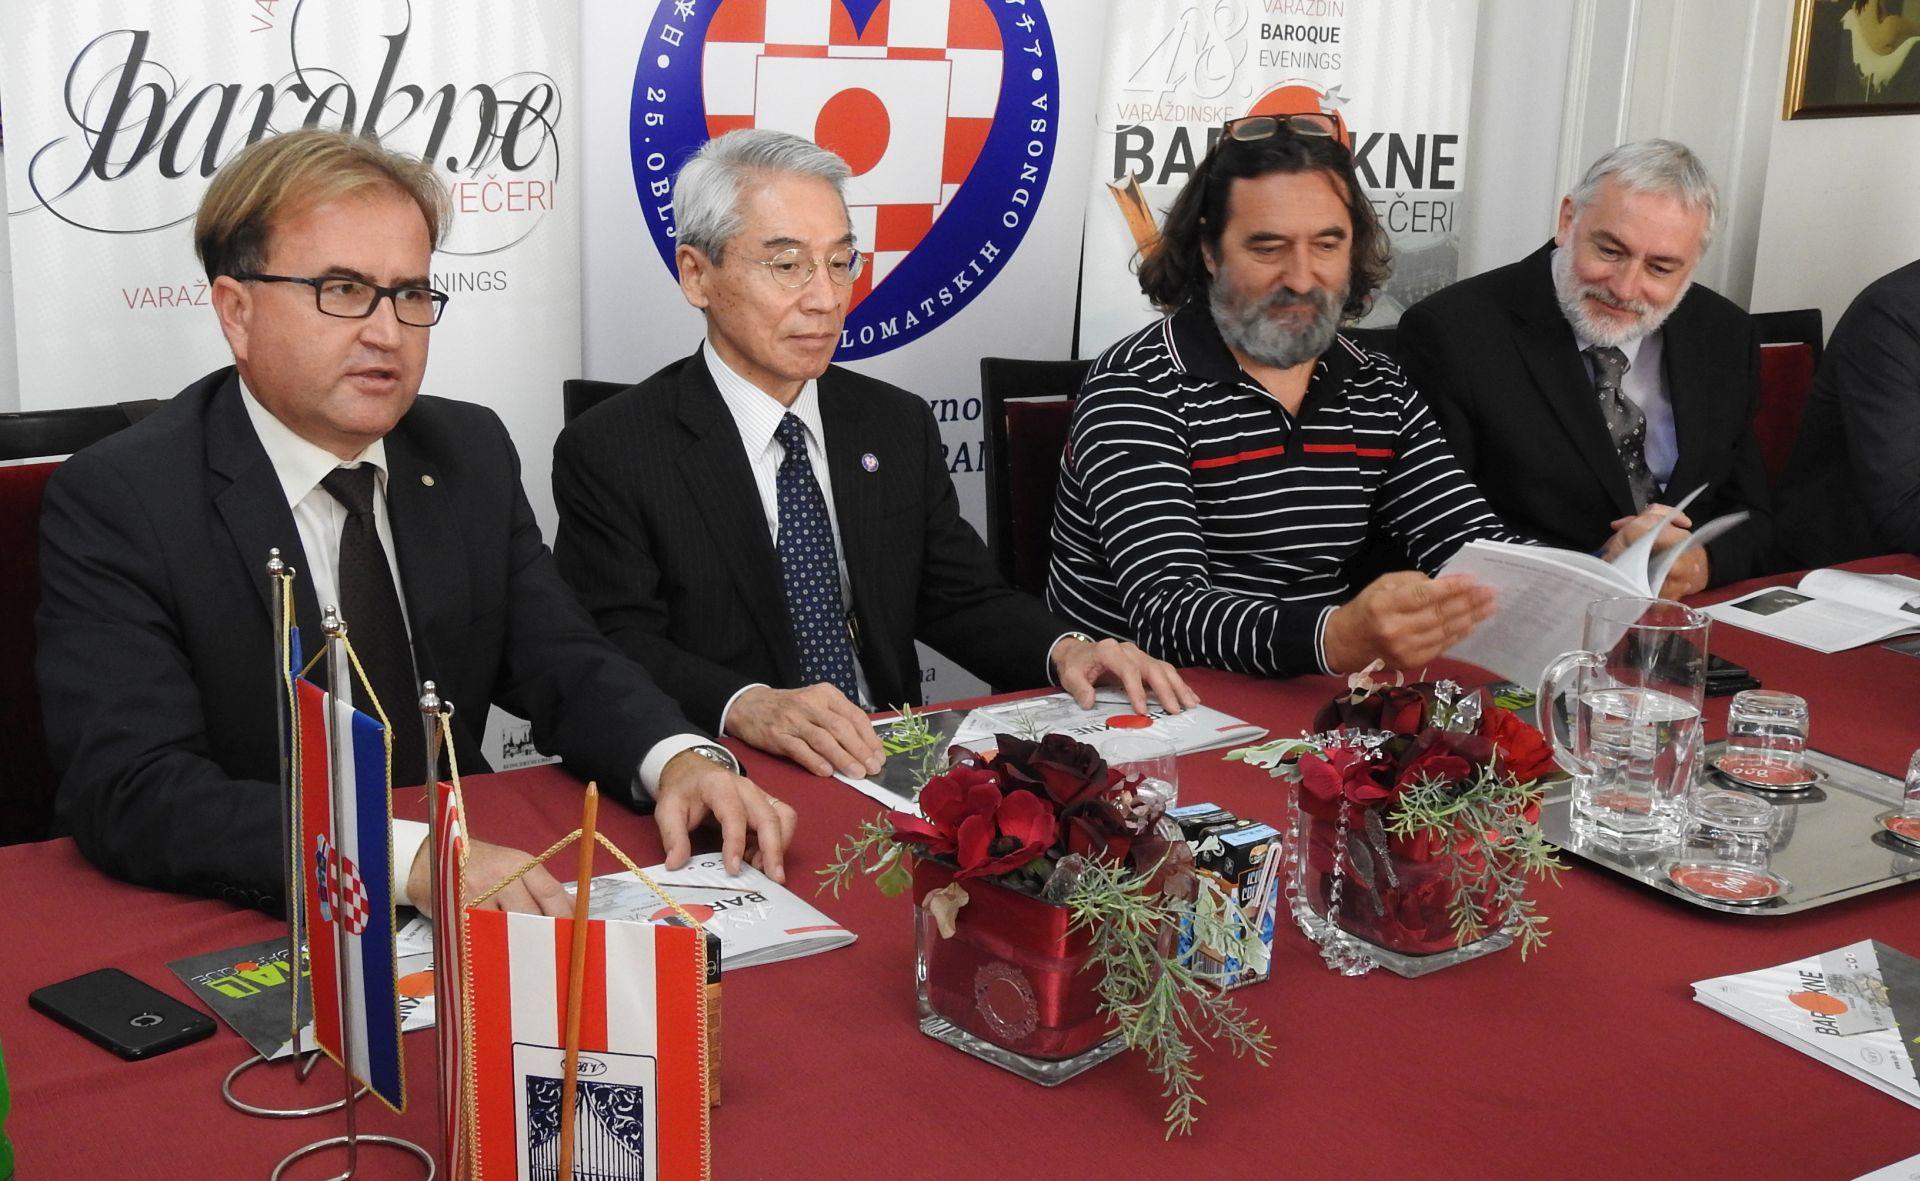 Počinju Varaždinske barokne večeri – zemlja partner Japan